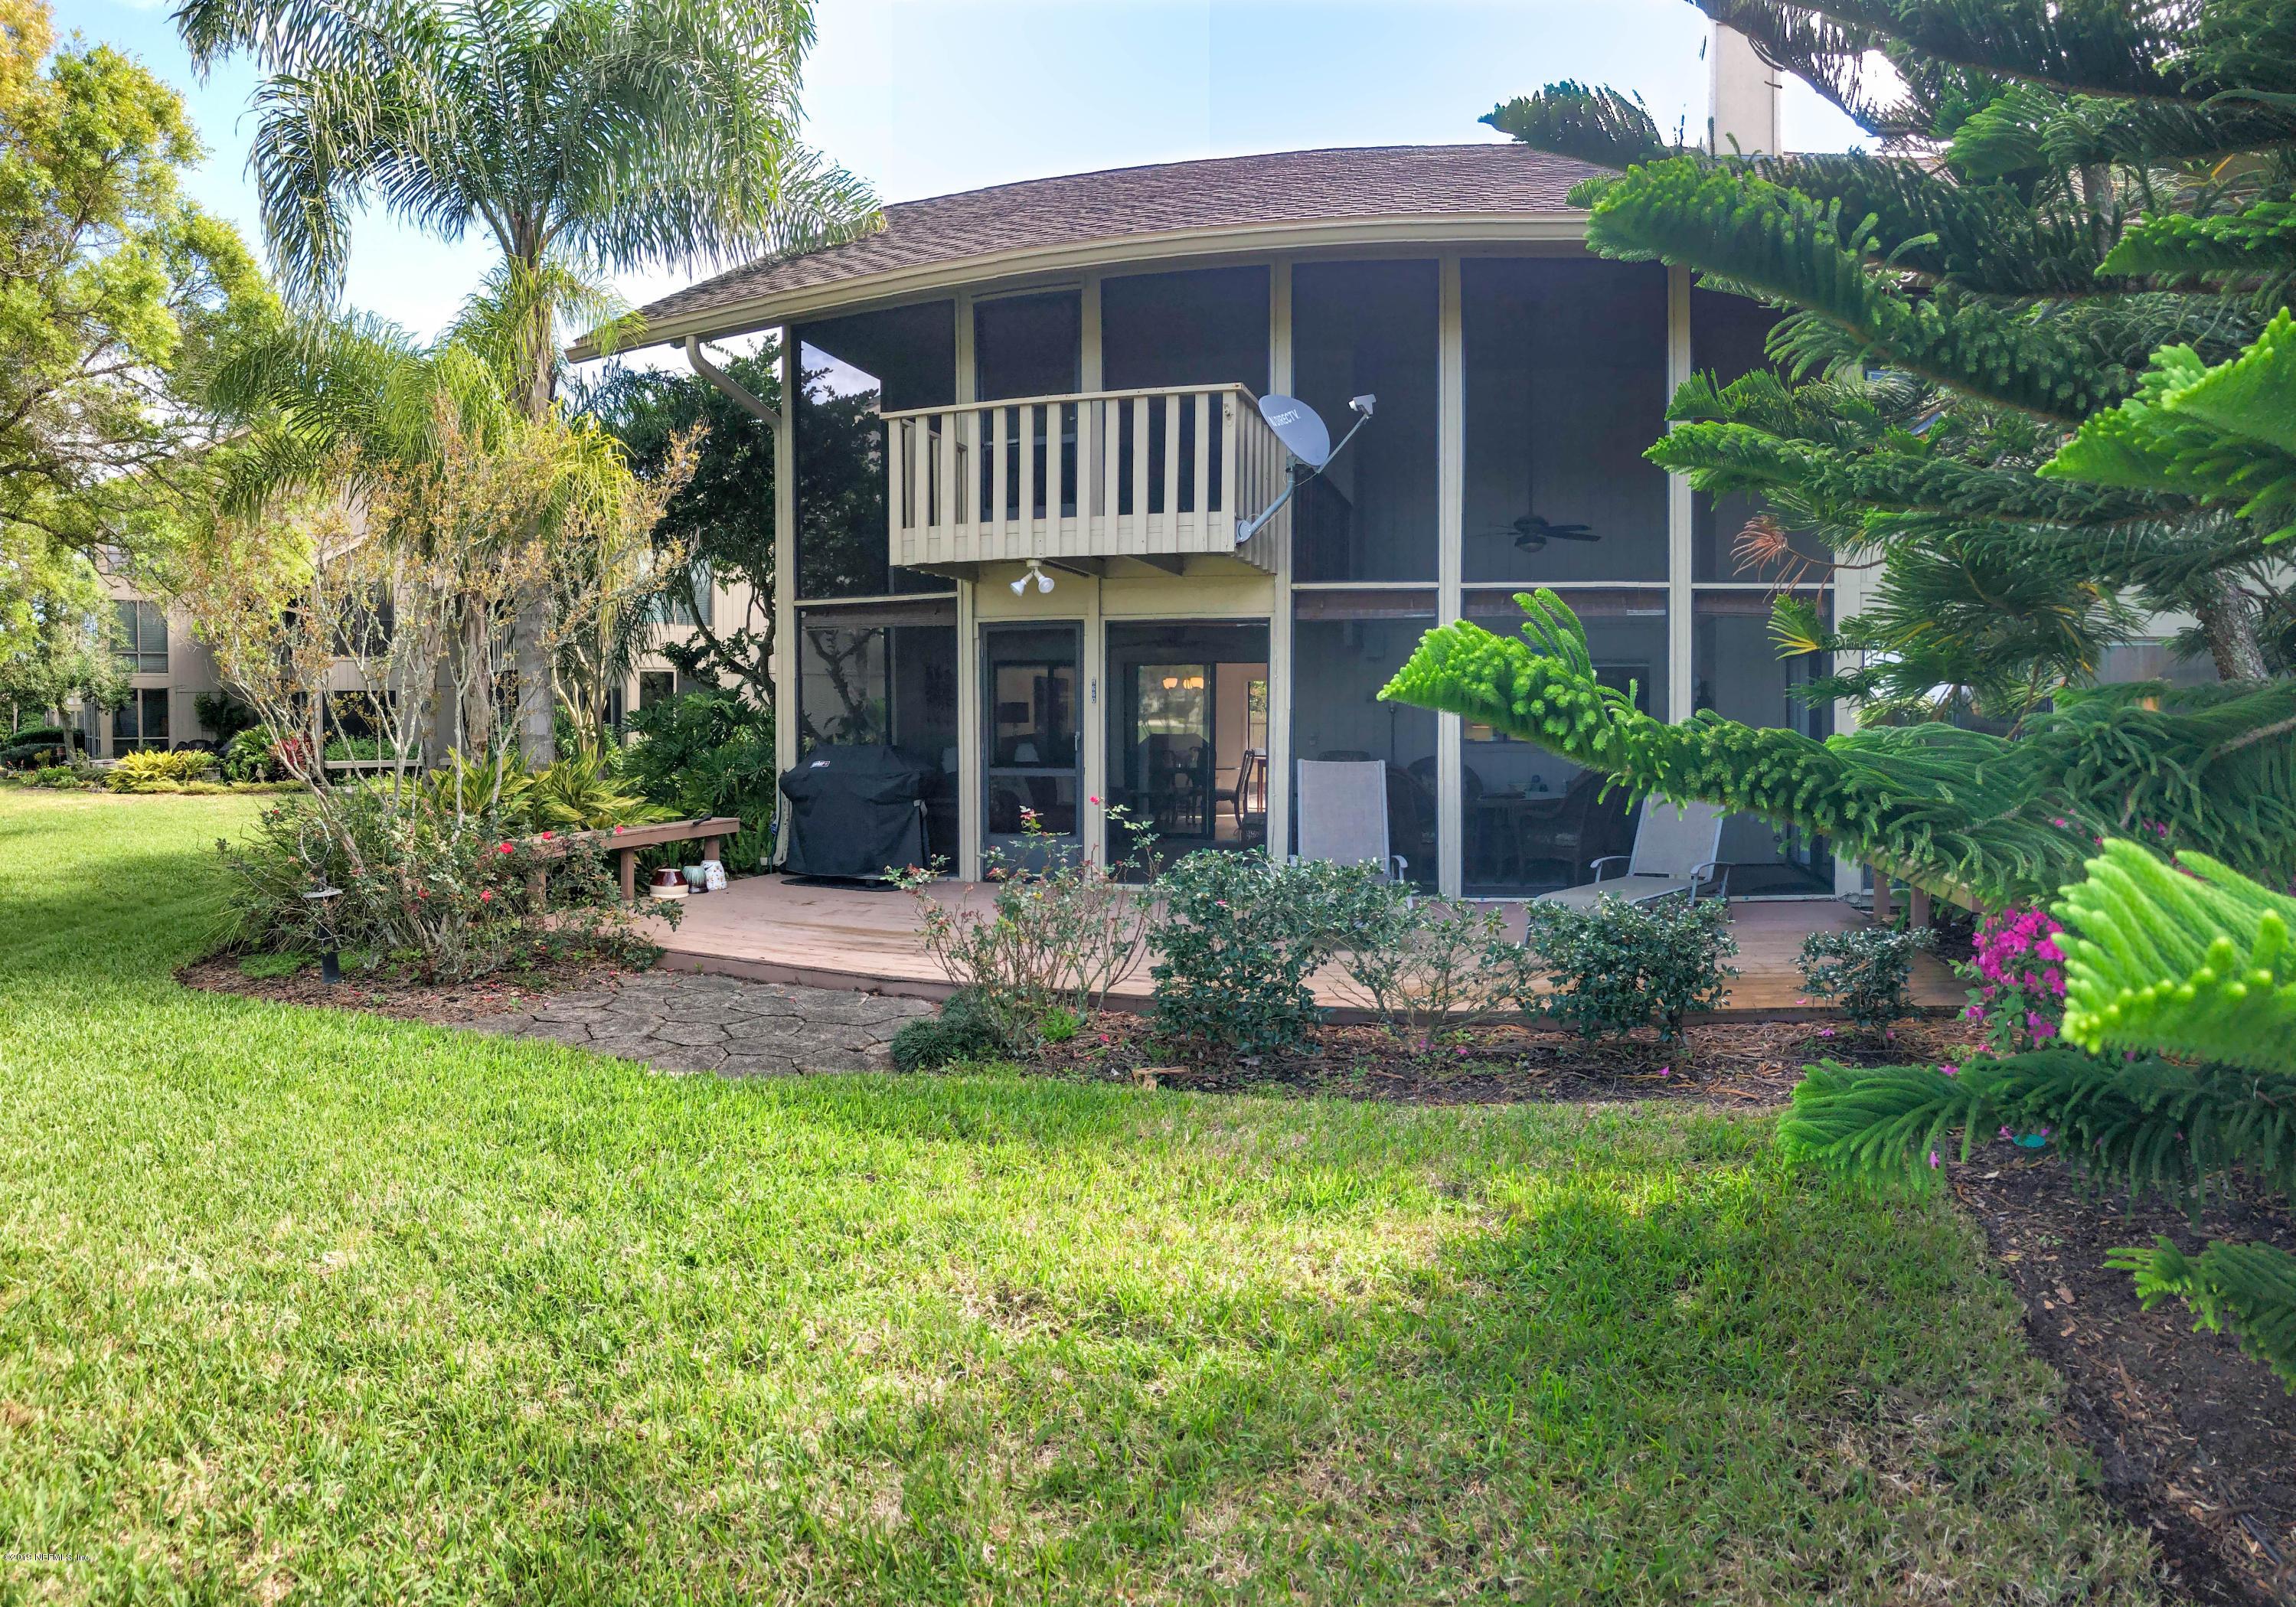 9660 DEER RUN, PONTE VEDRA BEACH, FLORIDA 32082, 3 Bedrooms Bedrooms, ,2 BathroomsBathrooms,Residential - condos/townhomes,For sale,DEER RUN,984415